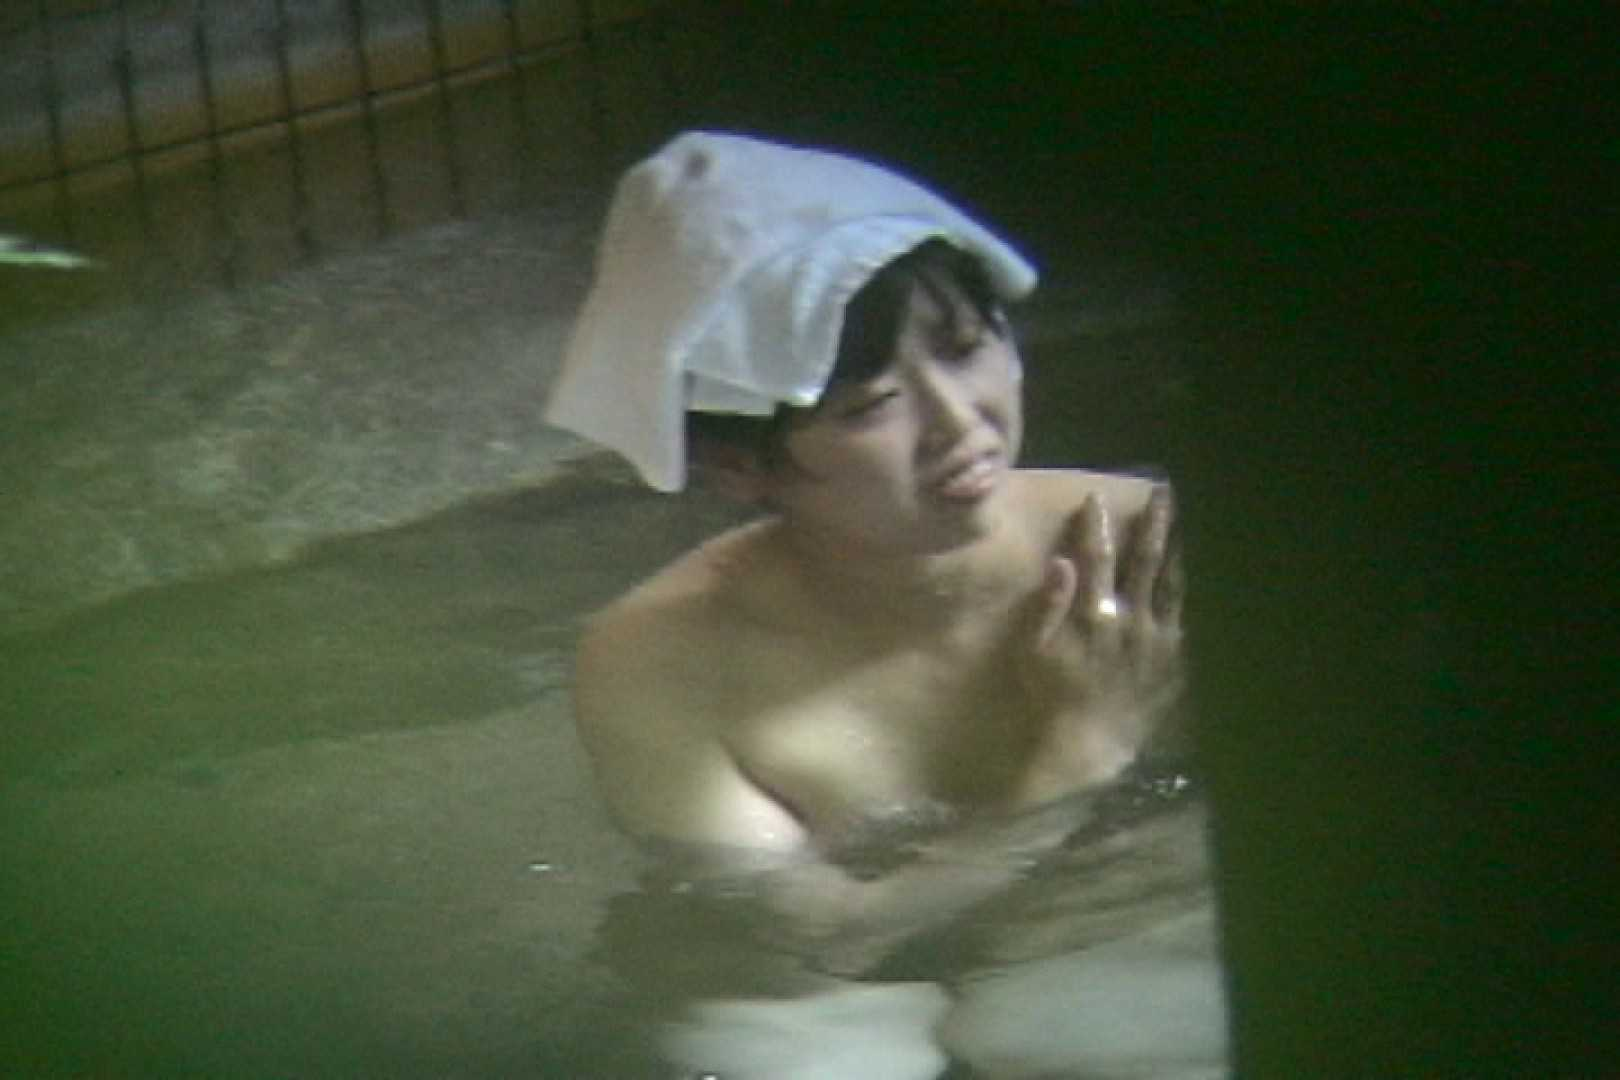 Aquaな露天風呂Vol.701 盗撮 おめこ無修正画像 84枚 74